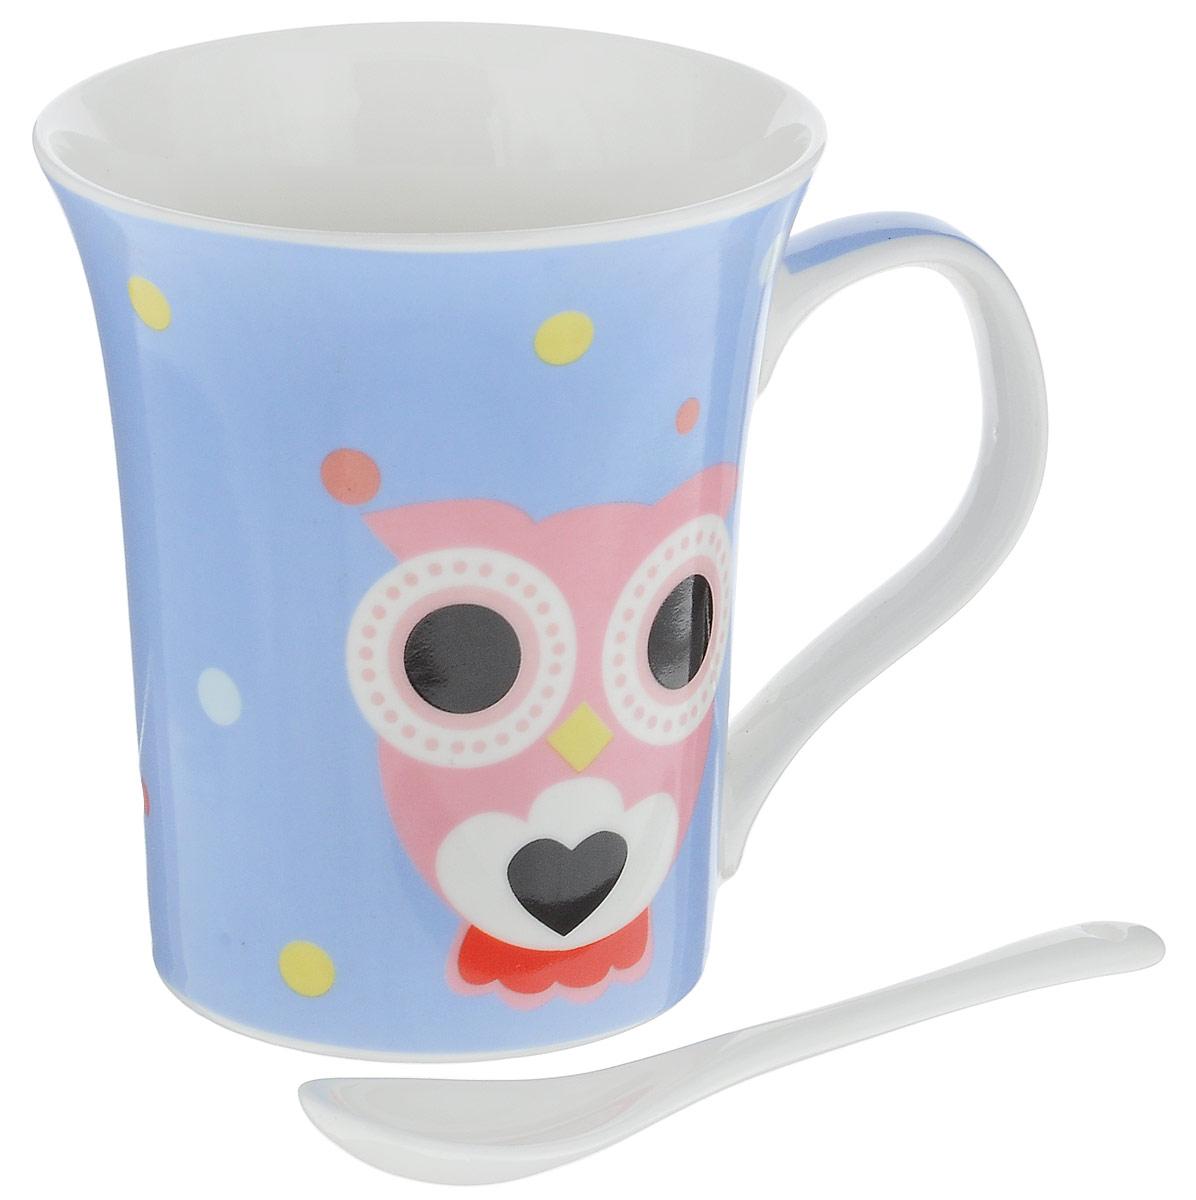 Кружка Доляна Совята, с ложкой, цвет: голубой, розовый, 300 мл836426_сиреневыйКружка Доляна Совята изготовлена из высококачественной глазурованной керамики. Изделие имеет удобную ручку. Внешние стенки дополнены забавными изображениями сов. Такая кружка прекрасно оформит стол к чаепитию. В комплект входит чайная ложка. Диаметр кружки (по верхнему краю): 9 см.Высота кружки: 10,5 см.Длина ложки: 10 см.